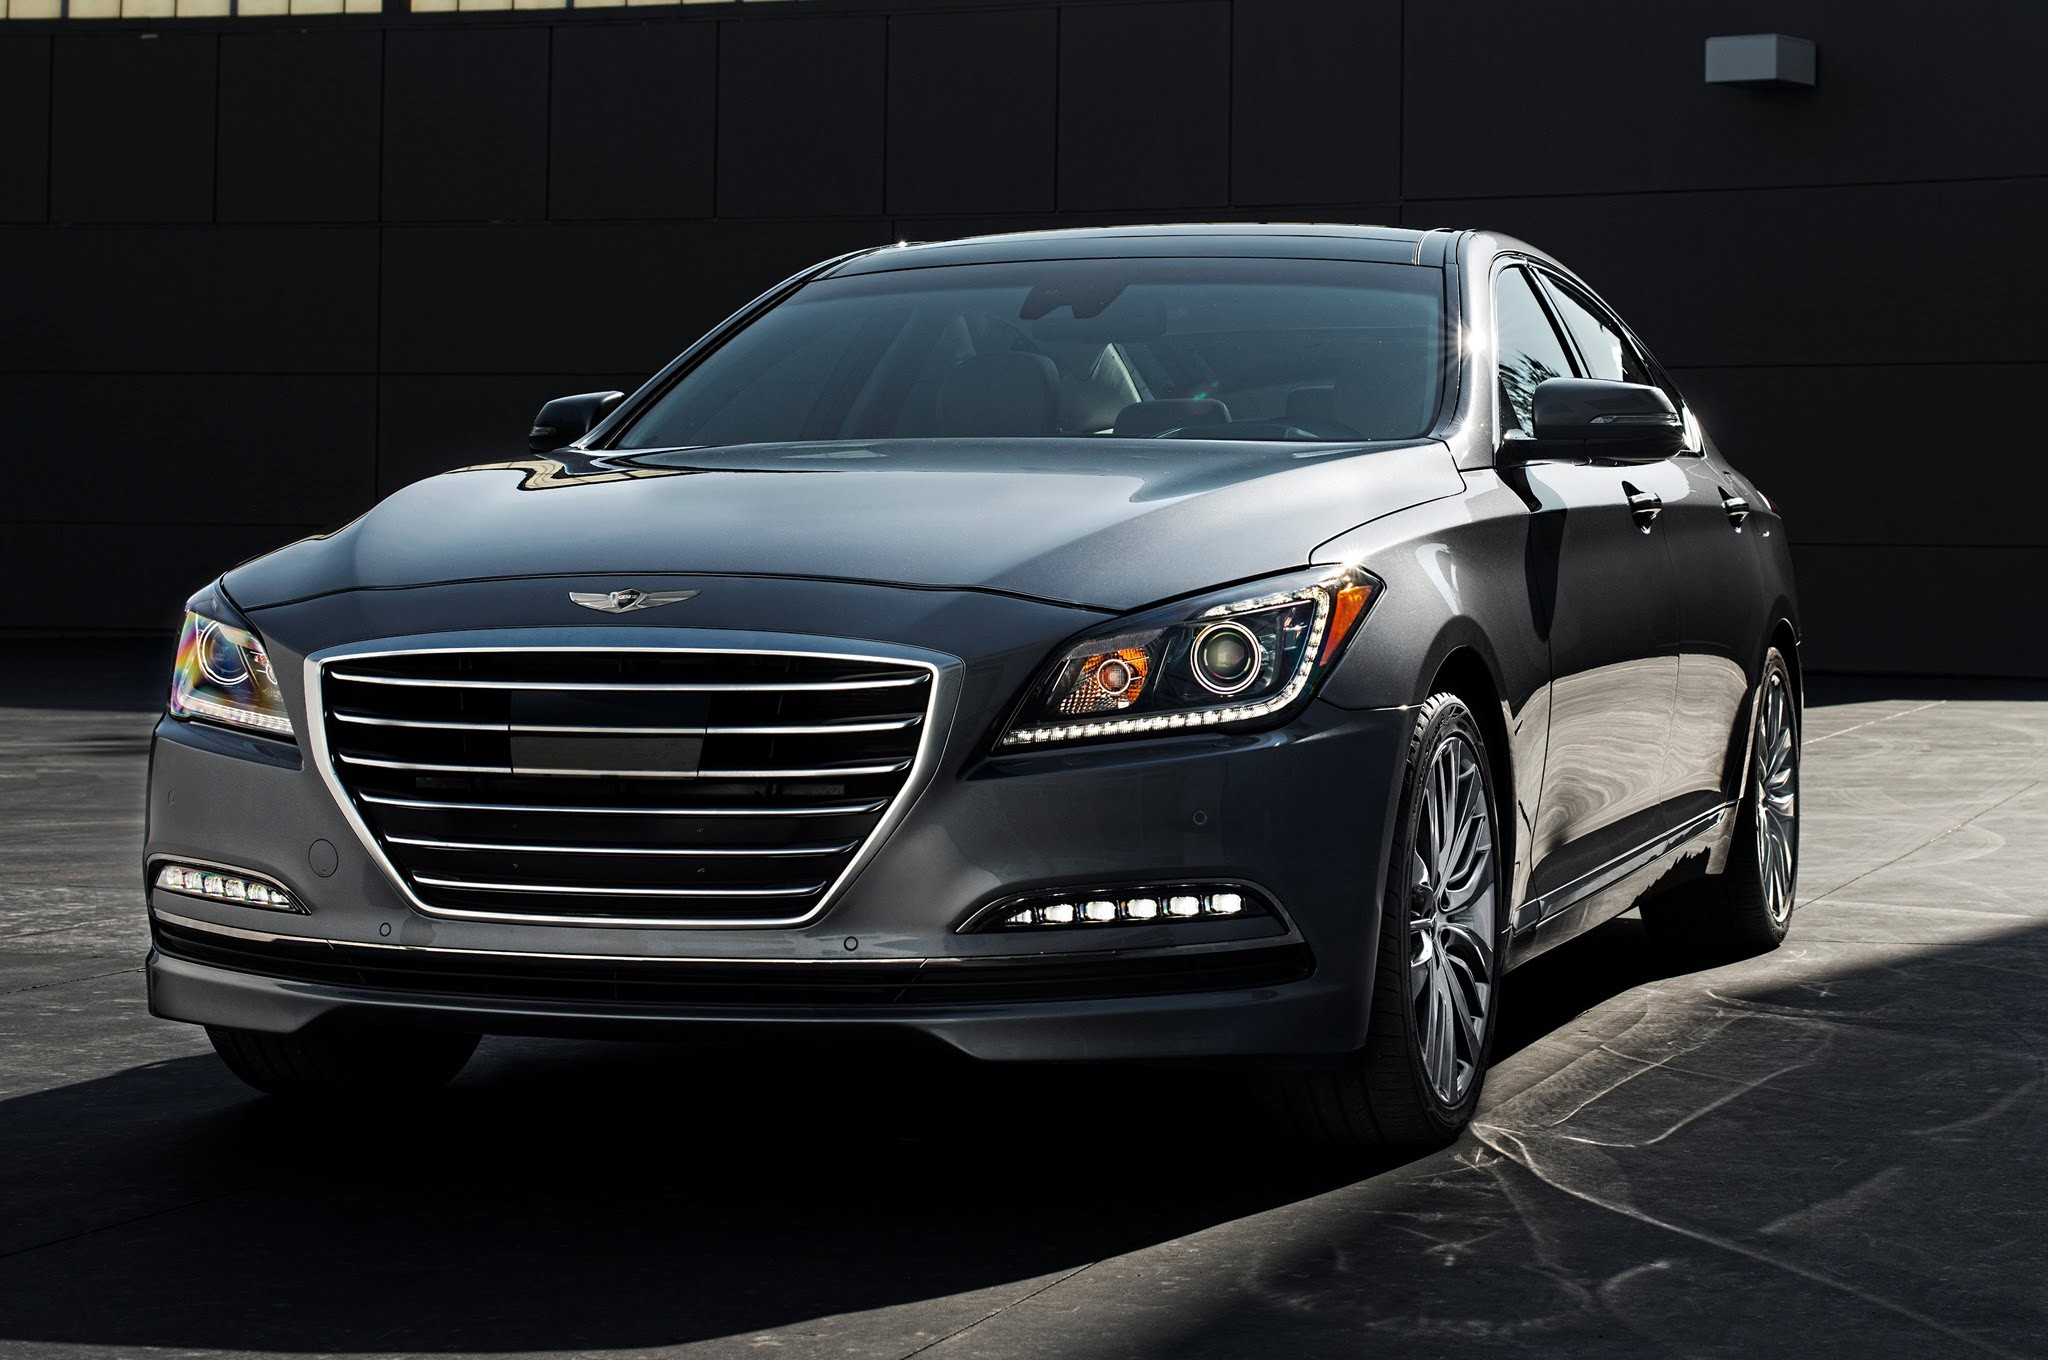 Hyundai презентовал обновленную модель Genesis 2016